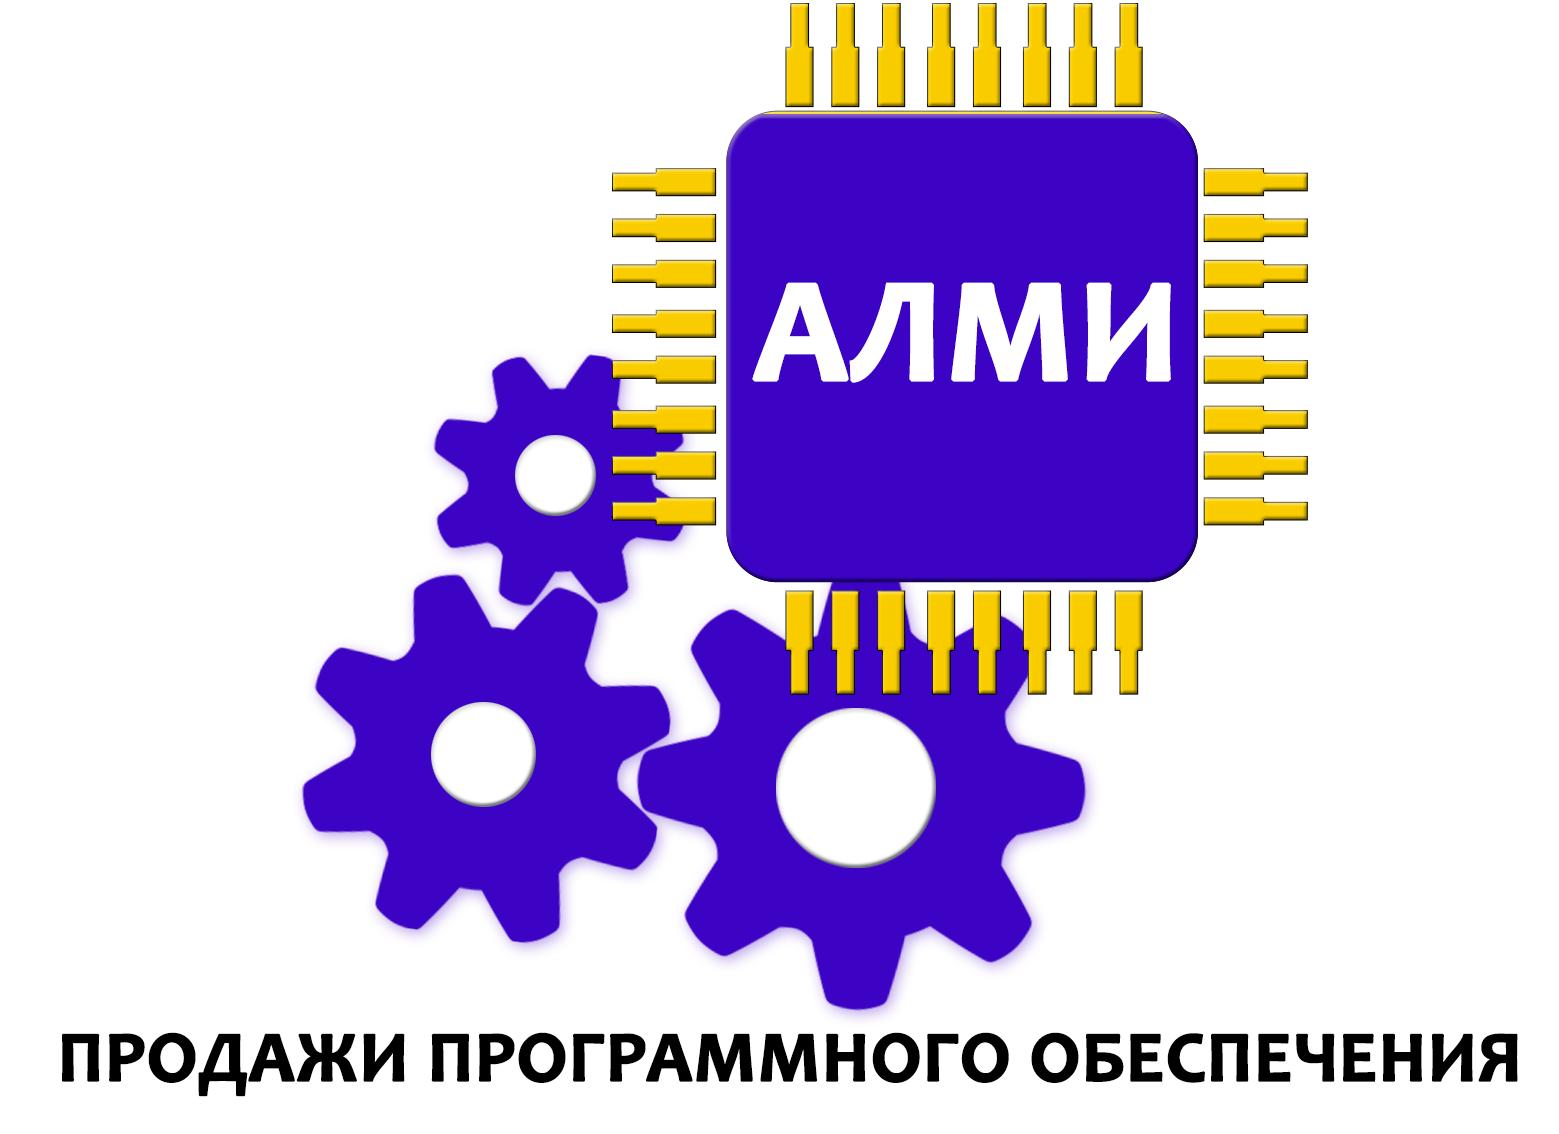 Разработка логотипа и фона фото f_8775989e89f41caf.png